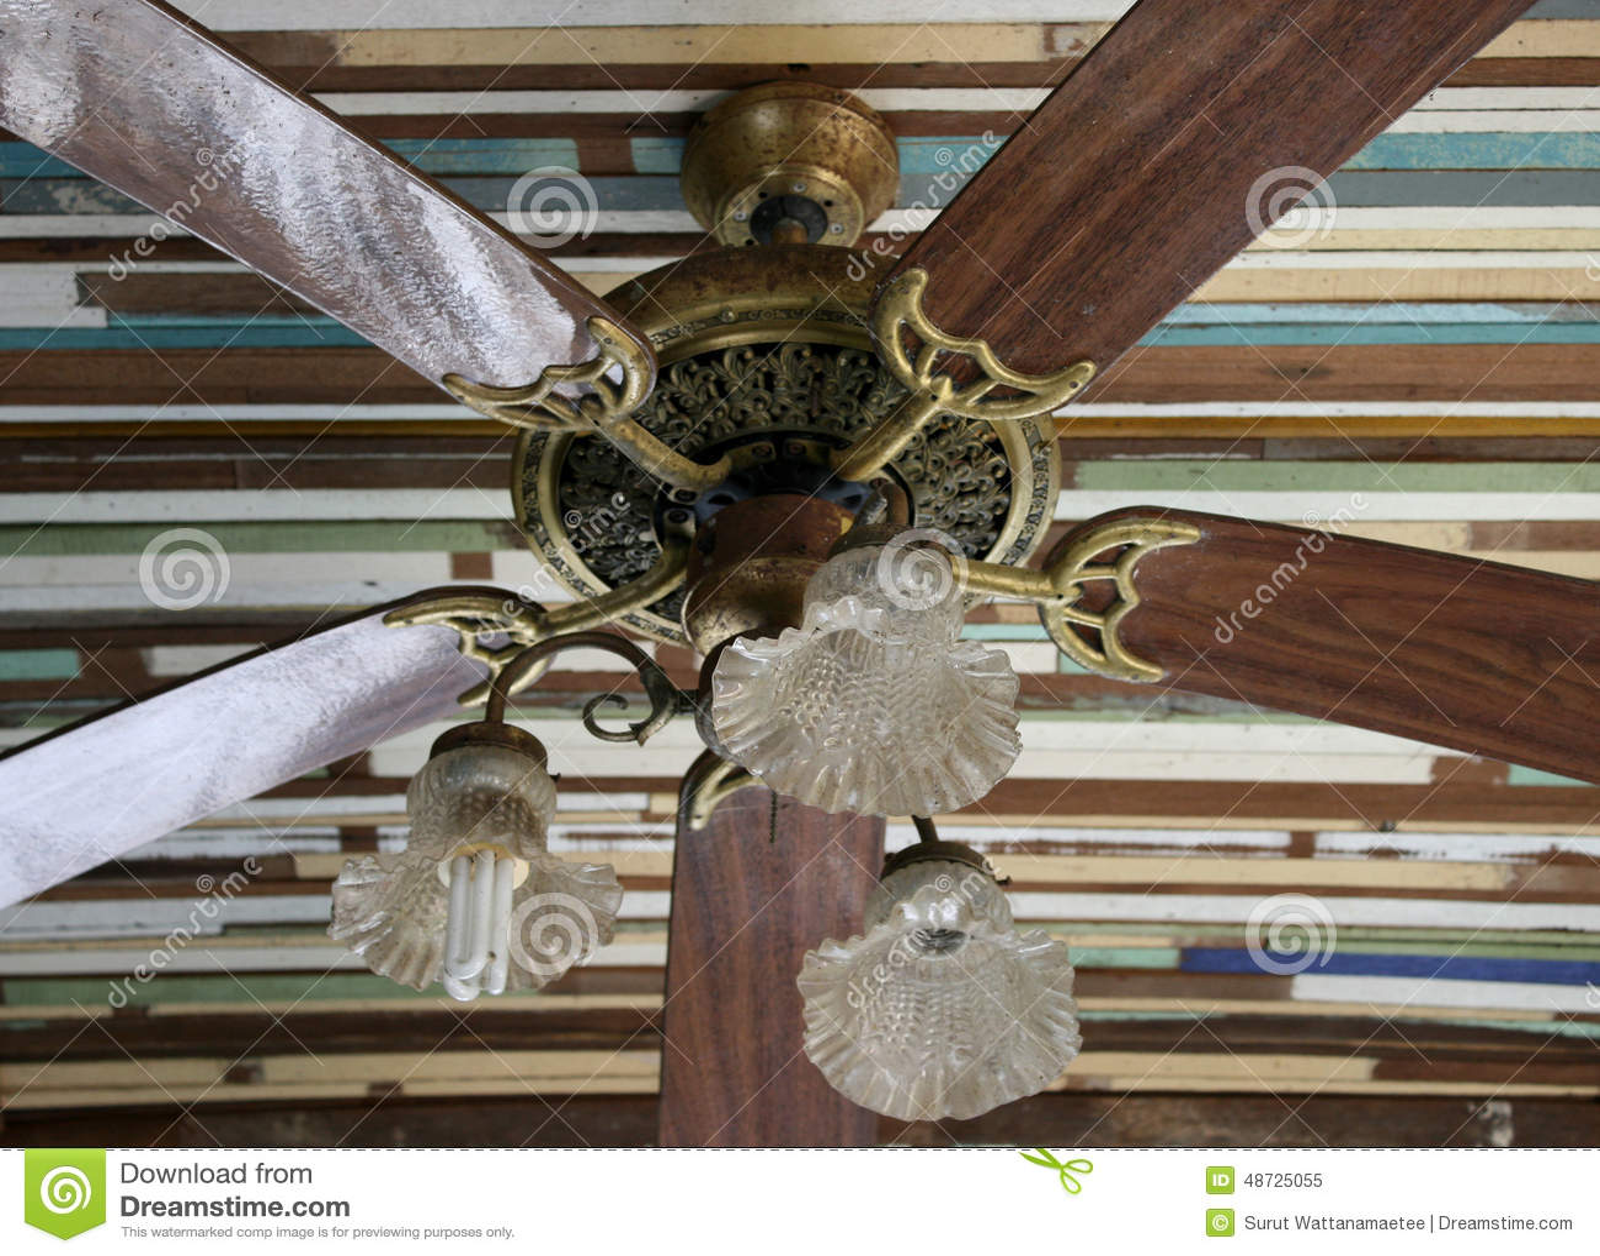 ventilateur de plafond en bois image stock image du d flecteur colonial 48725055. Black Bedroom Furniture Sets. Home Design Ideas